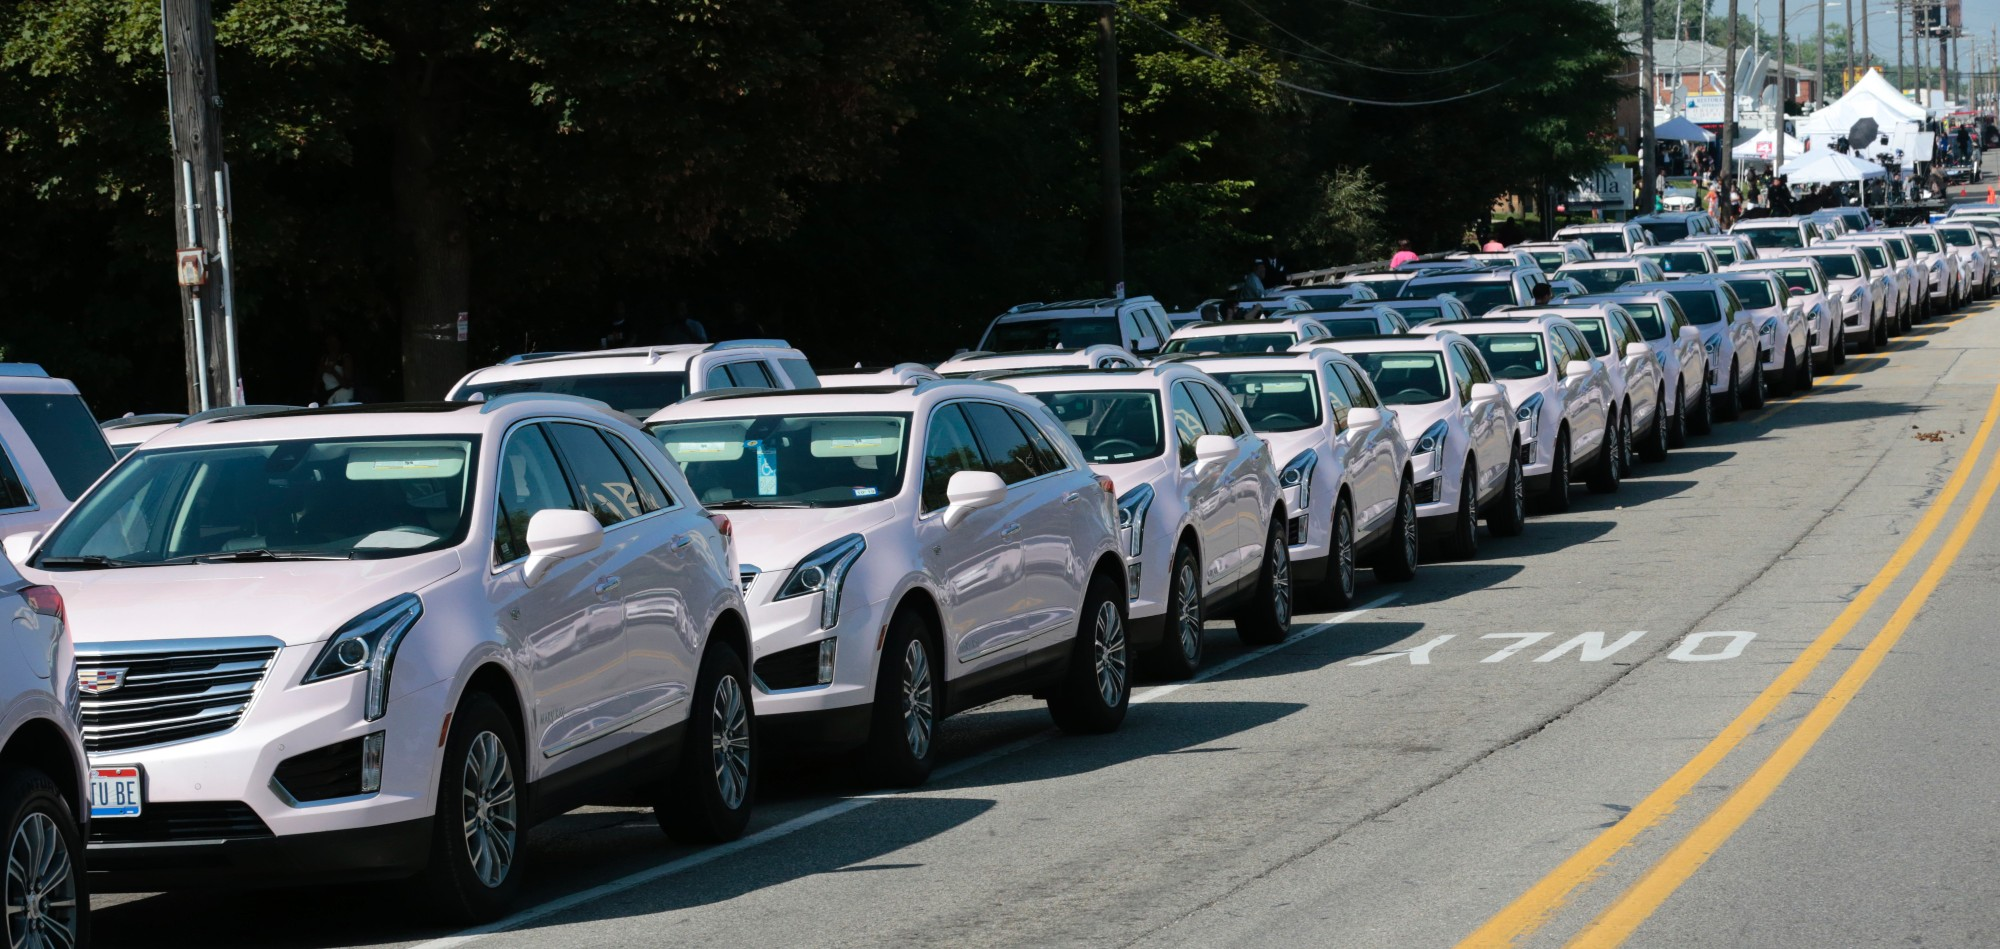 """De nombreuses Cadillac roses, clin d'œil à son tube """"Freeway of Love"""", ont suivi le corbillard jusqu'au cimetière."""